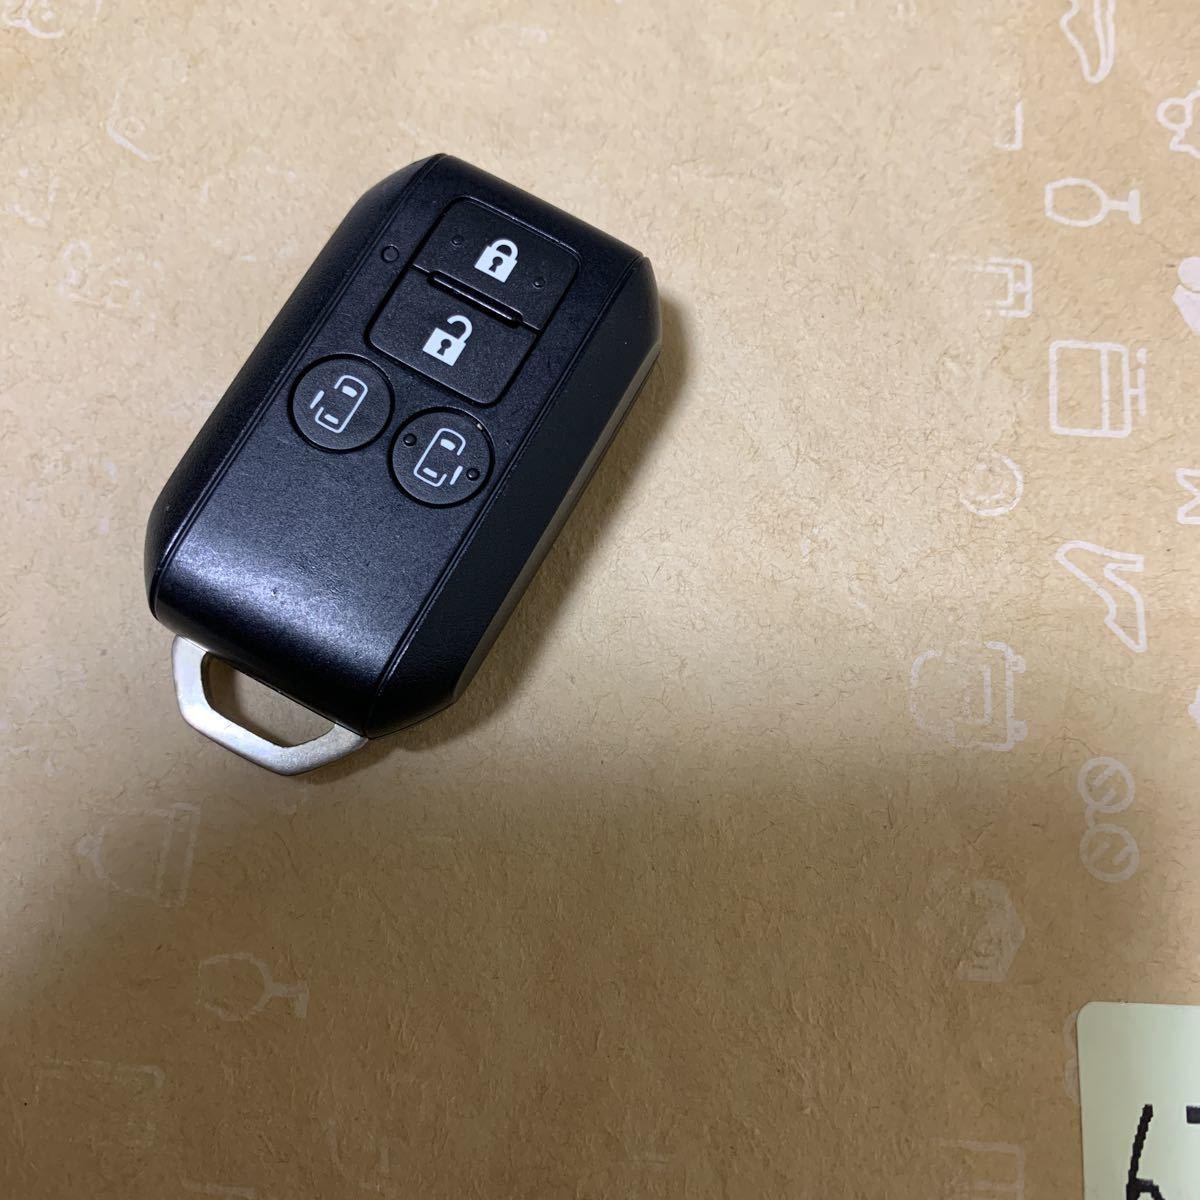 送料無料☆スズキ純正 スペーシア MK42S スマートキー キーレス 4ボタン 両側スライド フレアワゴン等 007-AA0080 1_画像2